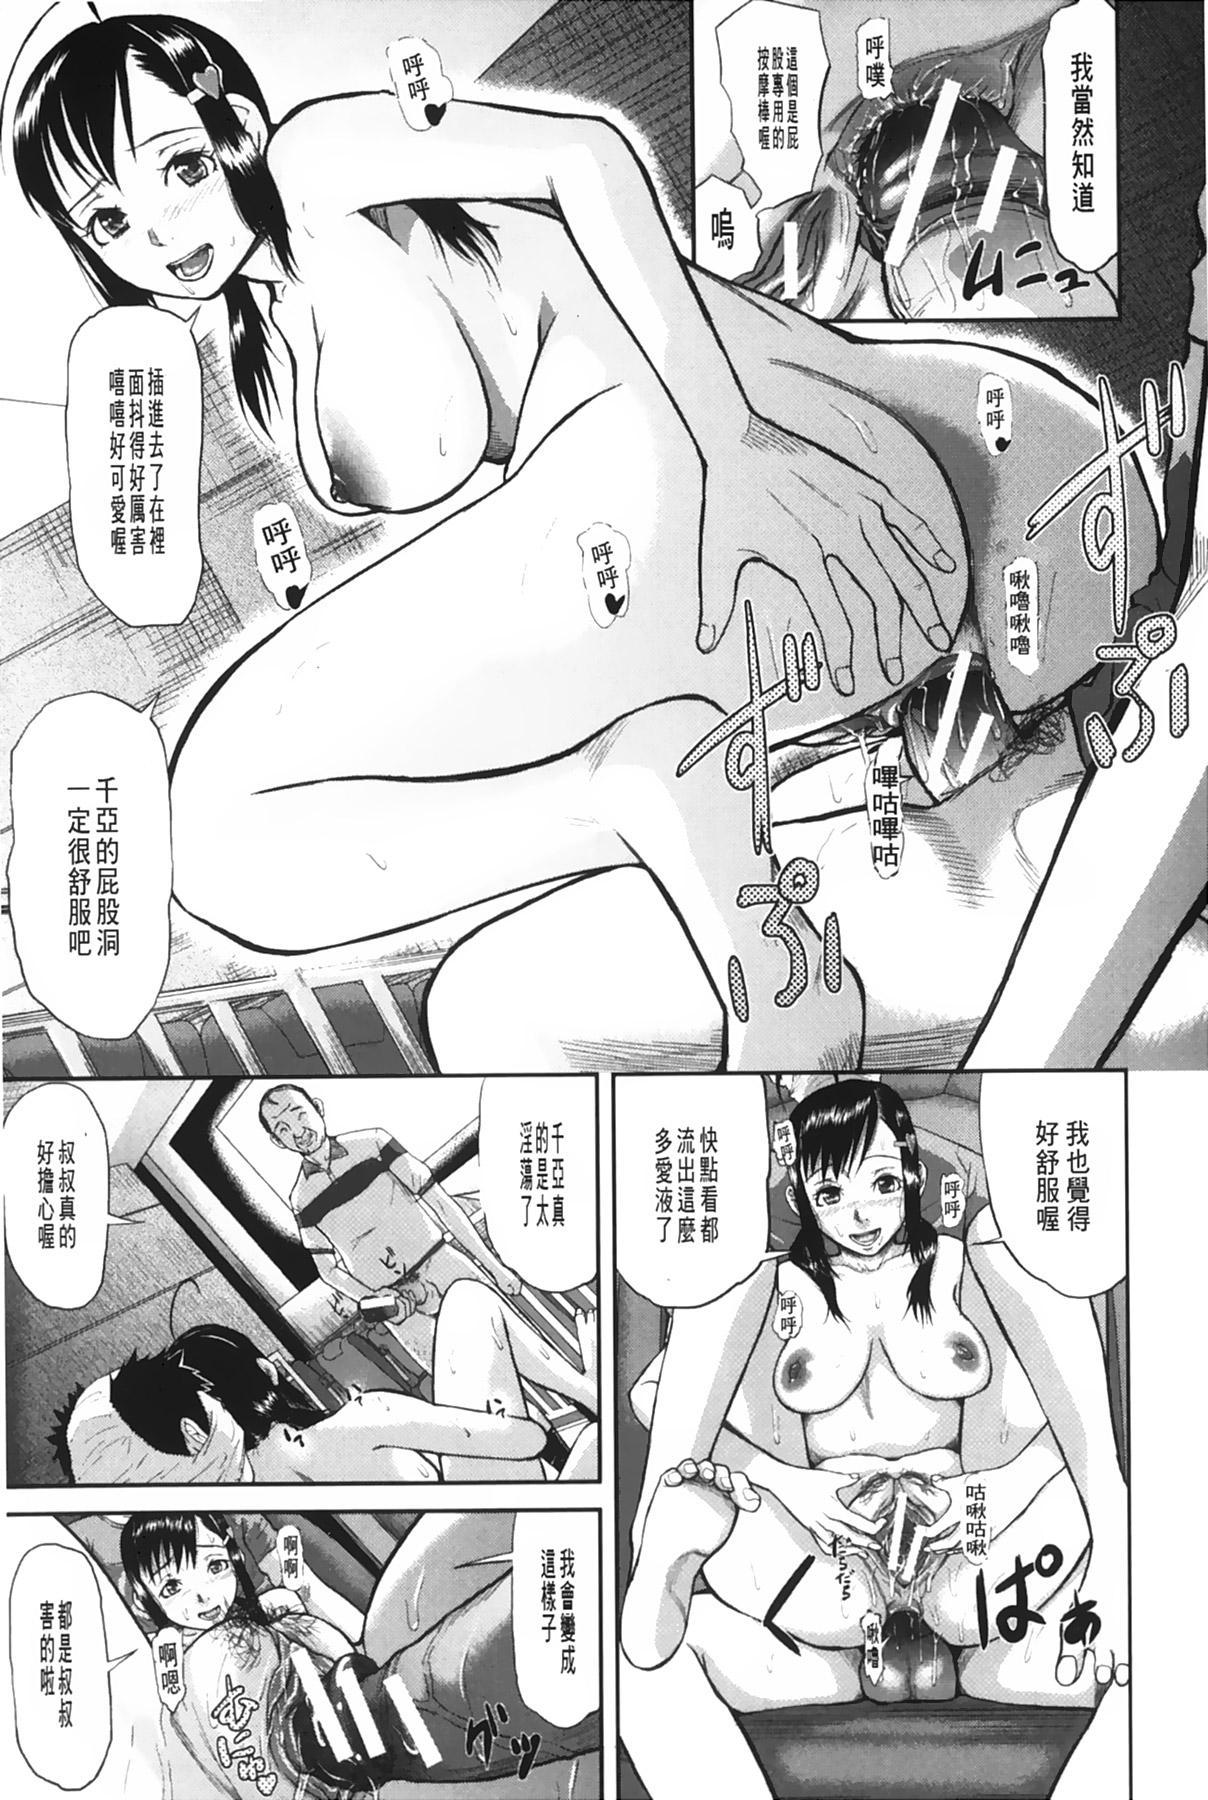 [Honebuto Danshaku] Onna Jigoku Niku no Tsubo~Hentai Rui Inran Ka Mesu Buta Ichidaiki~ | 女地獄、肉之壺 ~変態類淫乱科淫母豬一代記~ [Chinese] 51